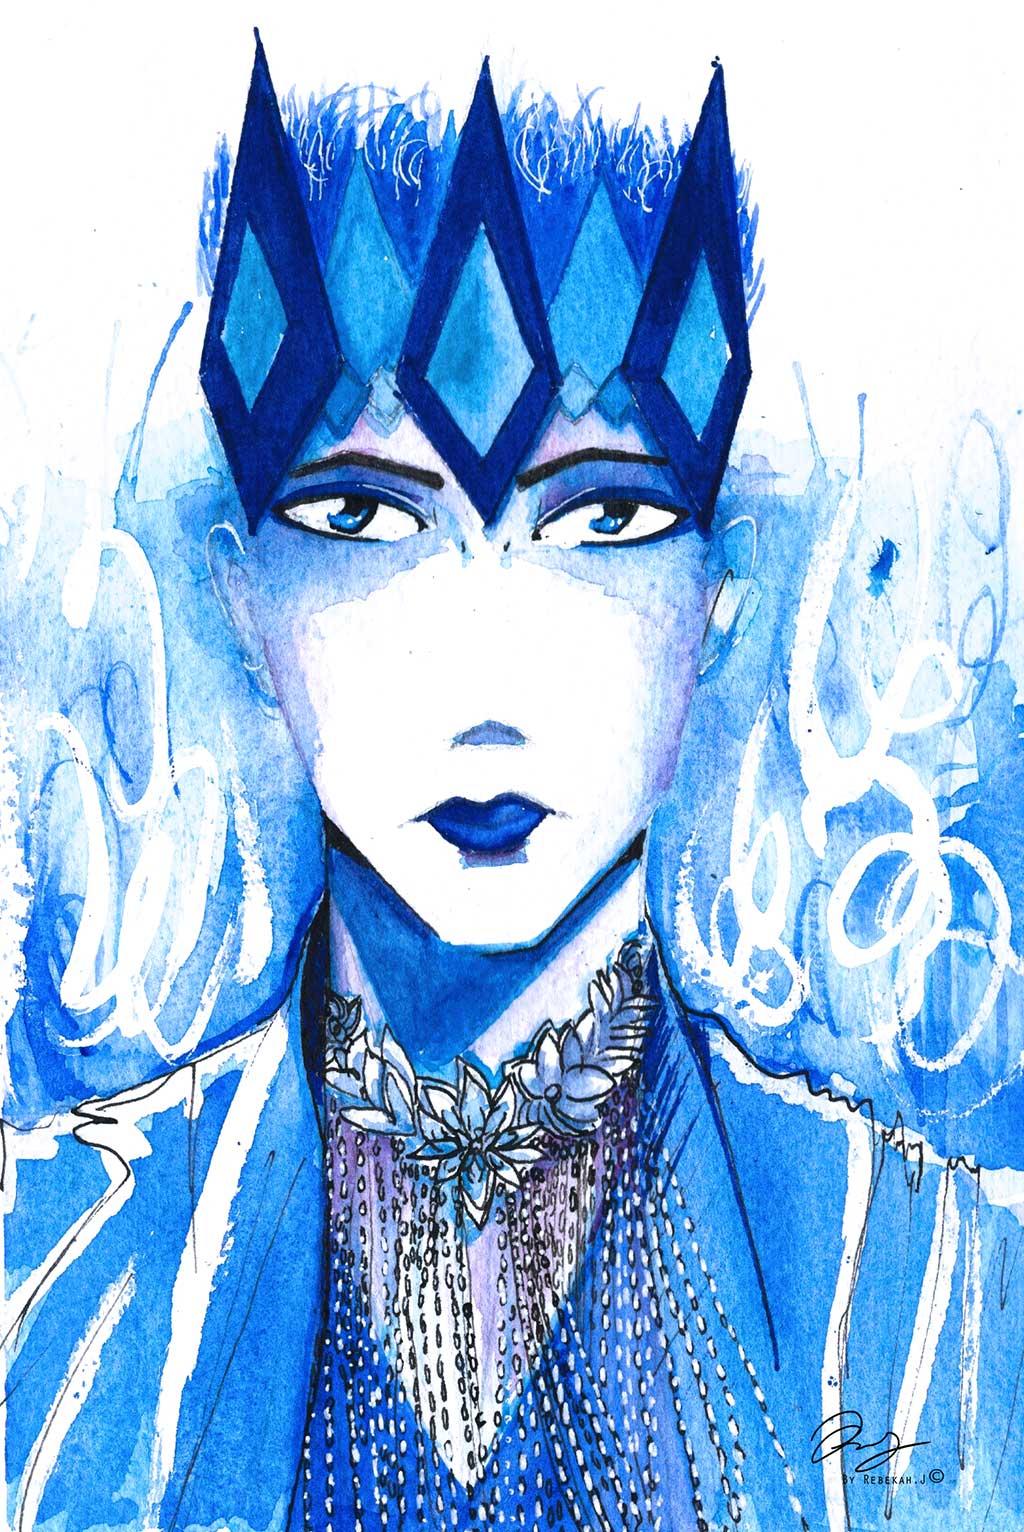 Ice Prince by Rebekah Joseph 2015